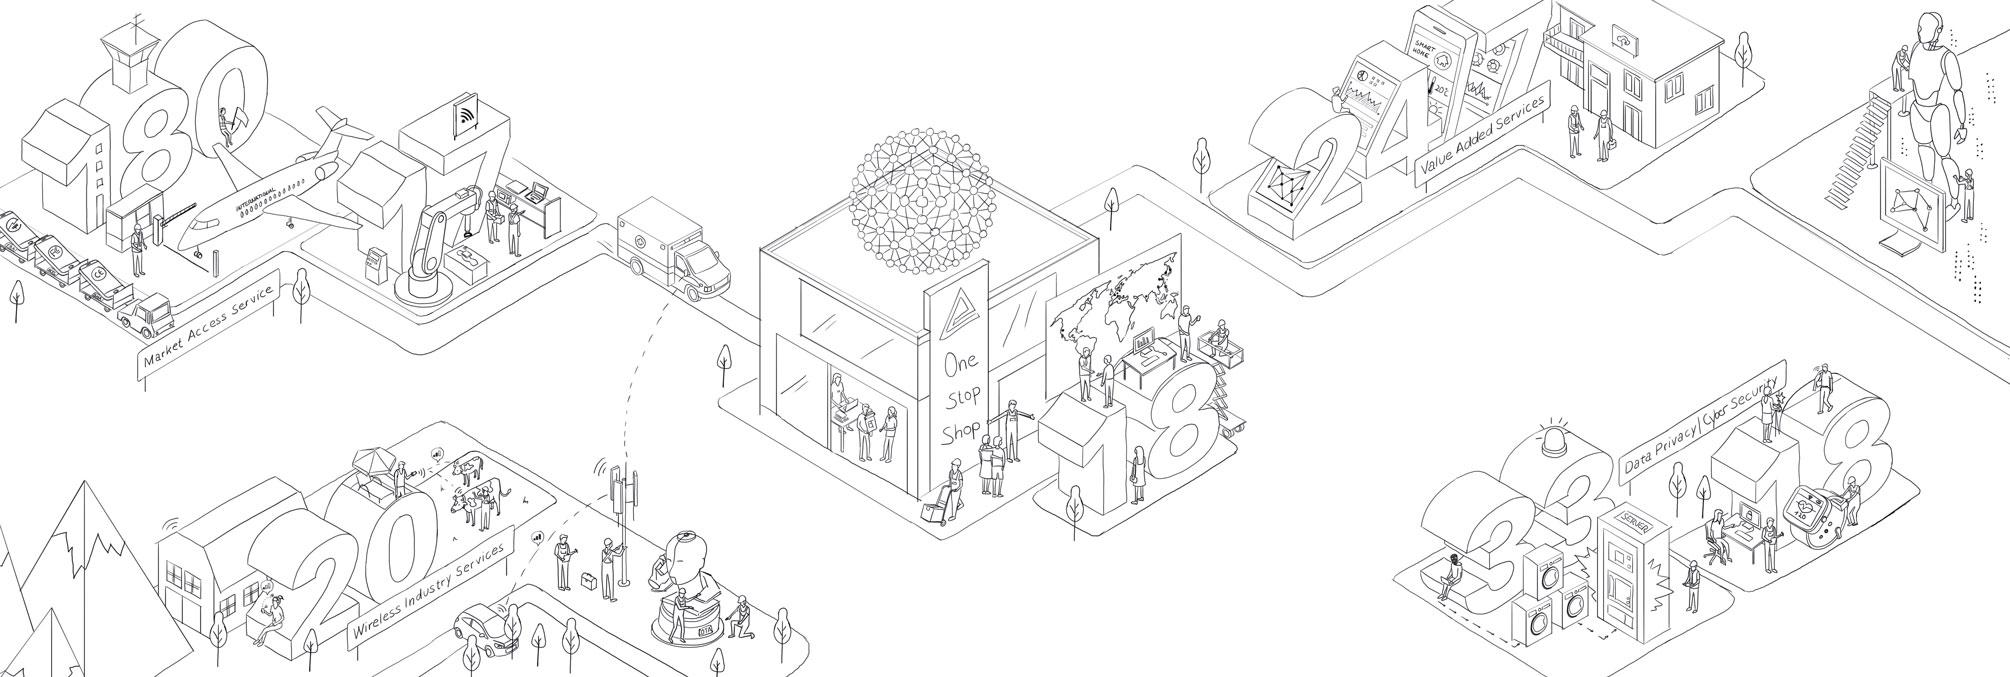 TÜV Rheinland Infografik Infographic Illustration Internet of Things Innenseiten inner pages draft